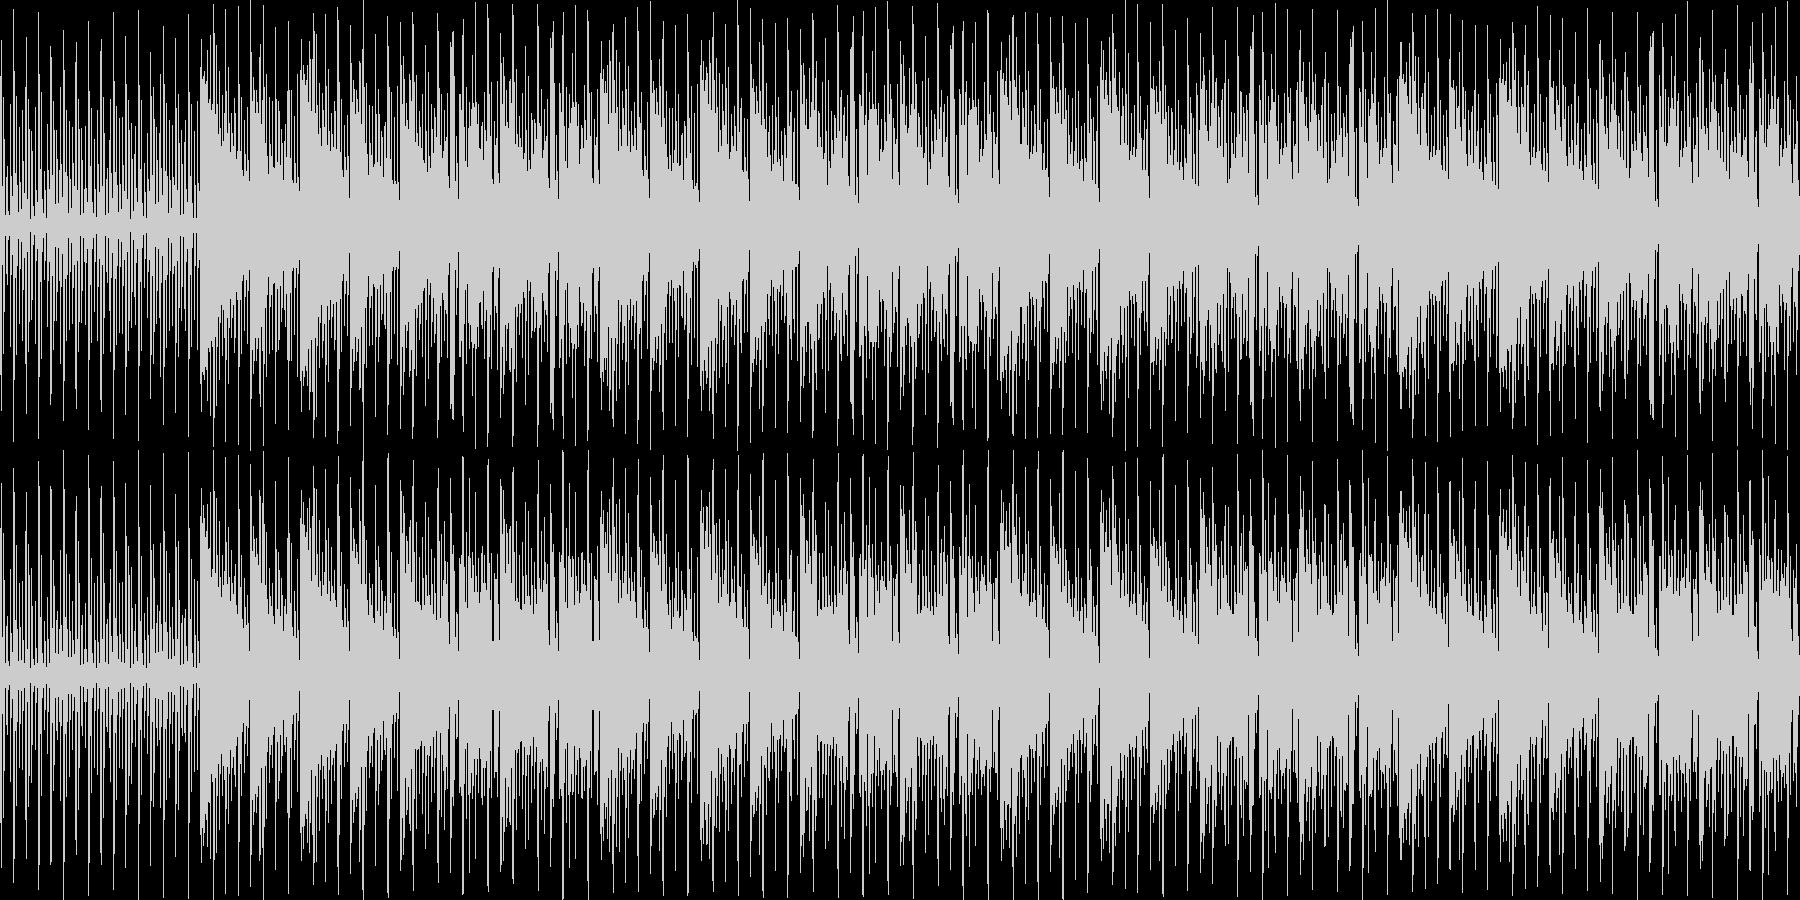 【オシャレなエレクトロピアノJAZZ】の未再生の波形